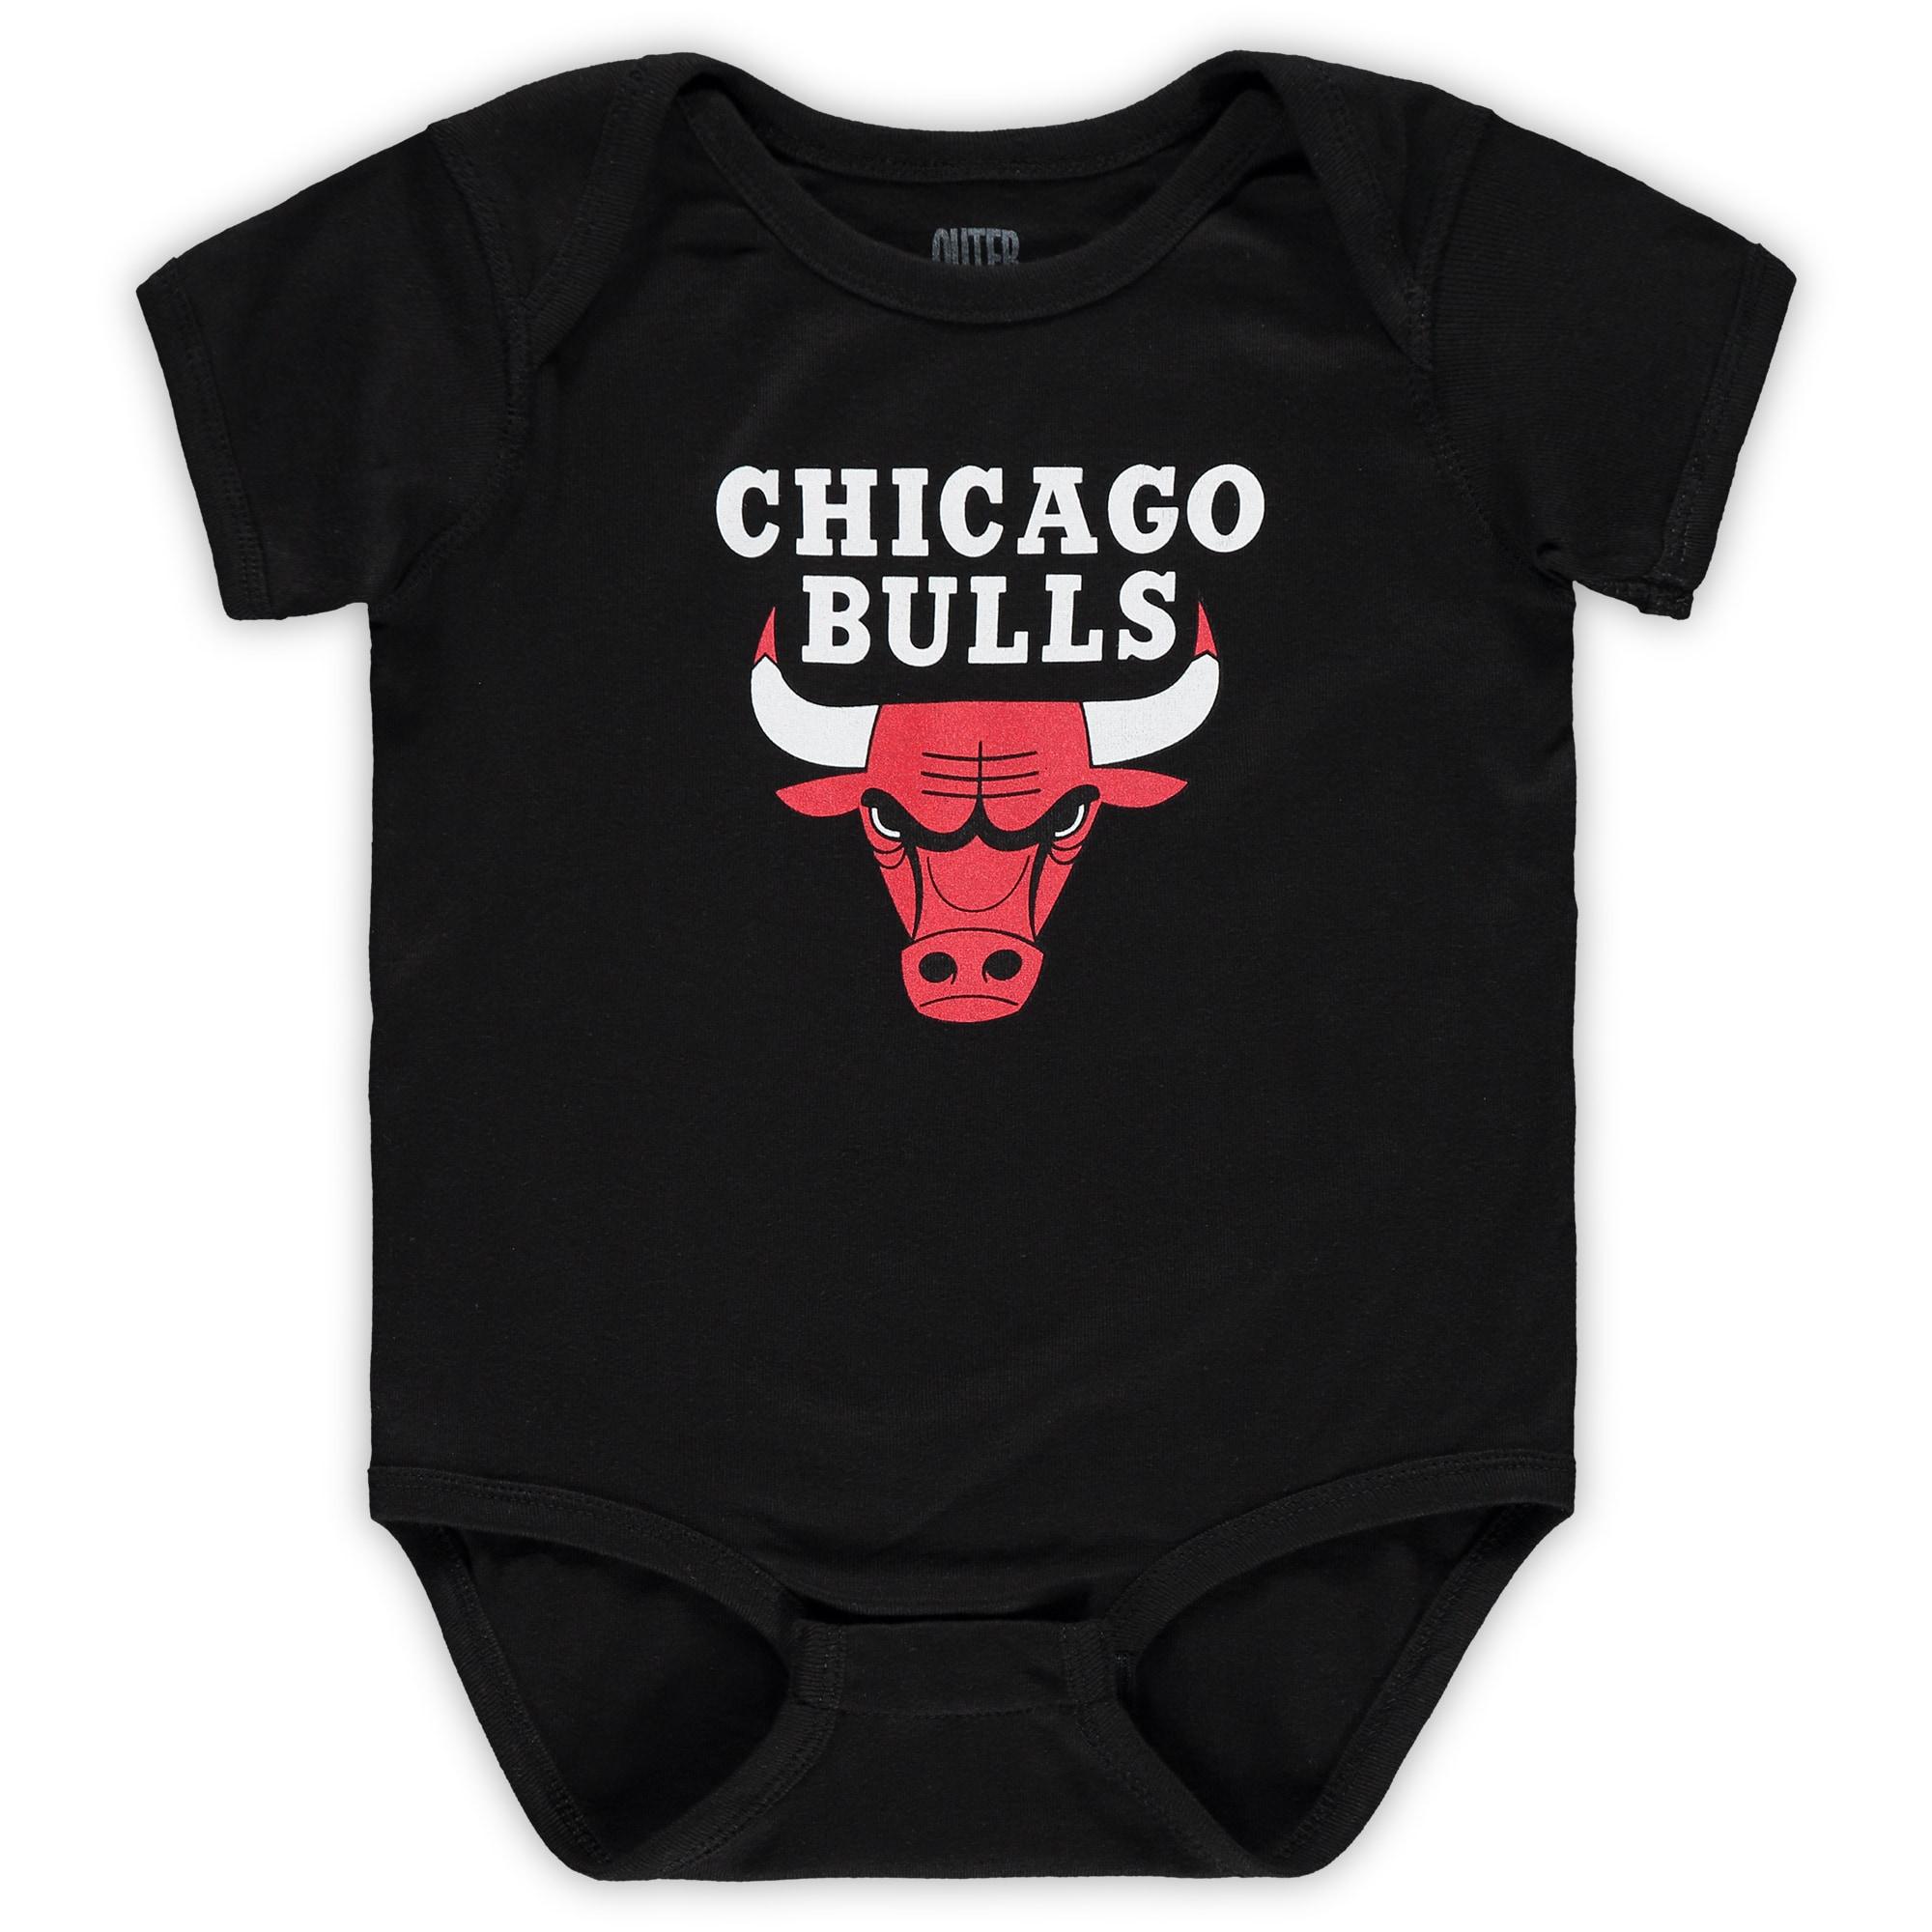 Chicago Bulls Infant Primary Team Logo Bodysuit - Black